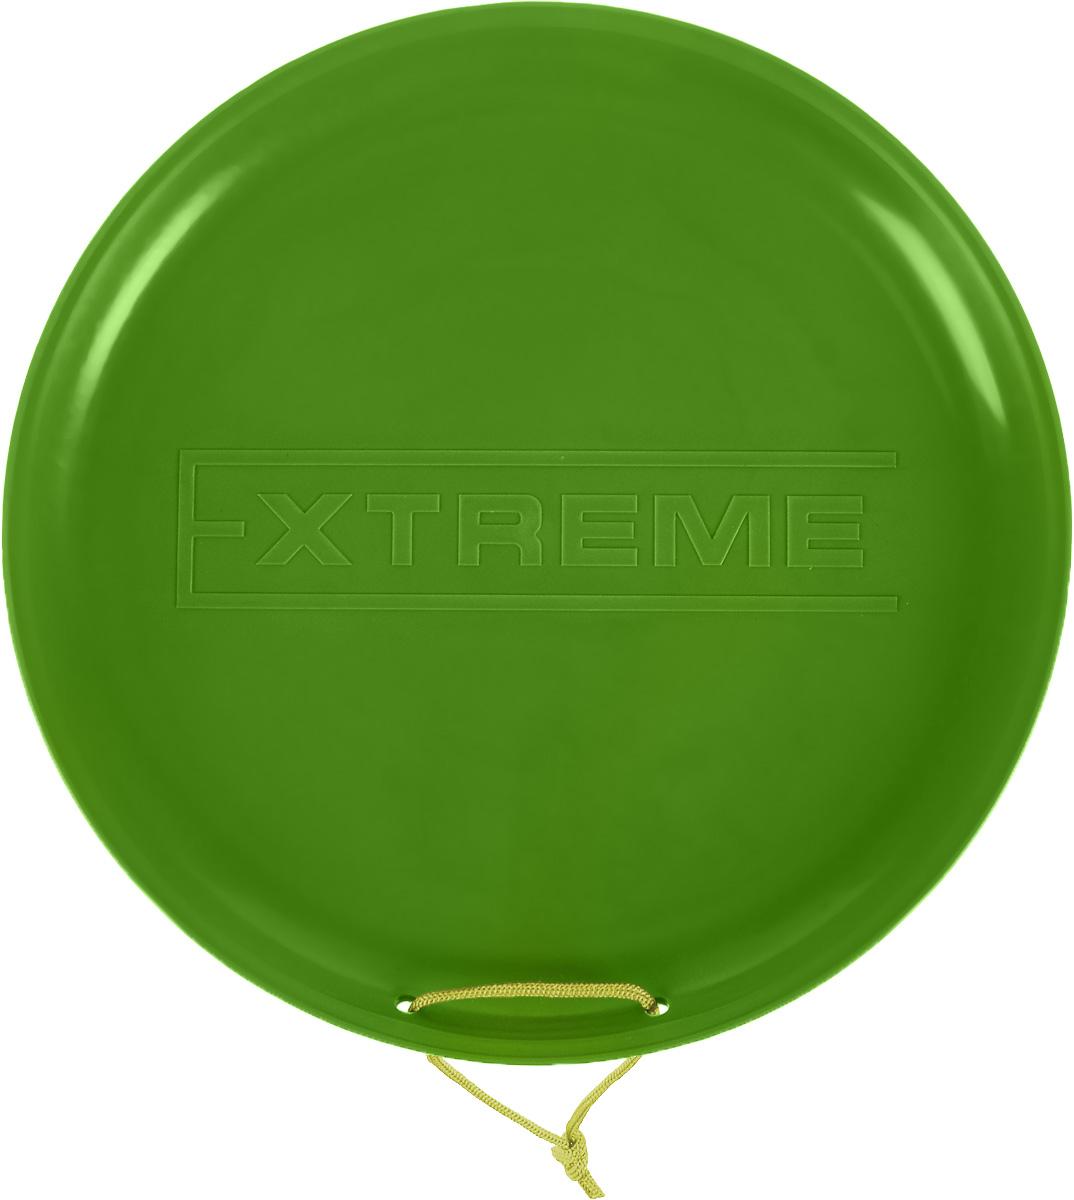 Санки-ледянки Престиж Экстрим, цвет: зеленый, диаметр 40 смUABLSEF20001Любимая детская зимняя забава - это катание с горки. Яркие санки-ледянки Престиж Экстрим станут незаменимым атрибутом этой веселой детской игры. Санки-ледянки - это специальная пластиковая тарелка, облегчающая скольжение и увеличивающая скорость движения по горке. Ледянка выполнена из прочного гибкого пластика и снабжена текстильной ручкой для транспортировки. Конфигурация санок позволяет удобно сидеть и развивать лучшую скорость. Благодаря малому весу ледянку, в отличие от обычных санок, легко нести с собой даже ребенку.